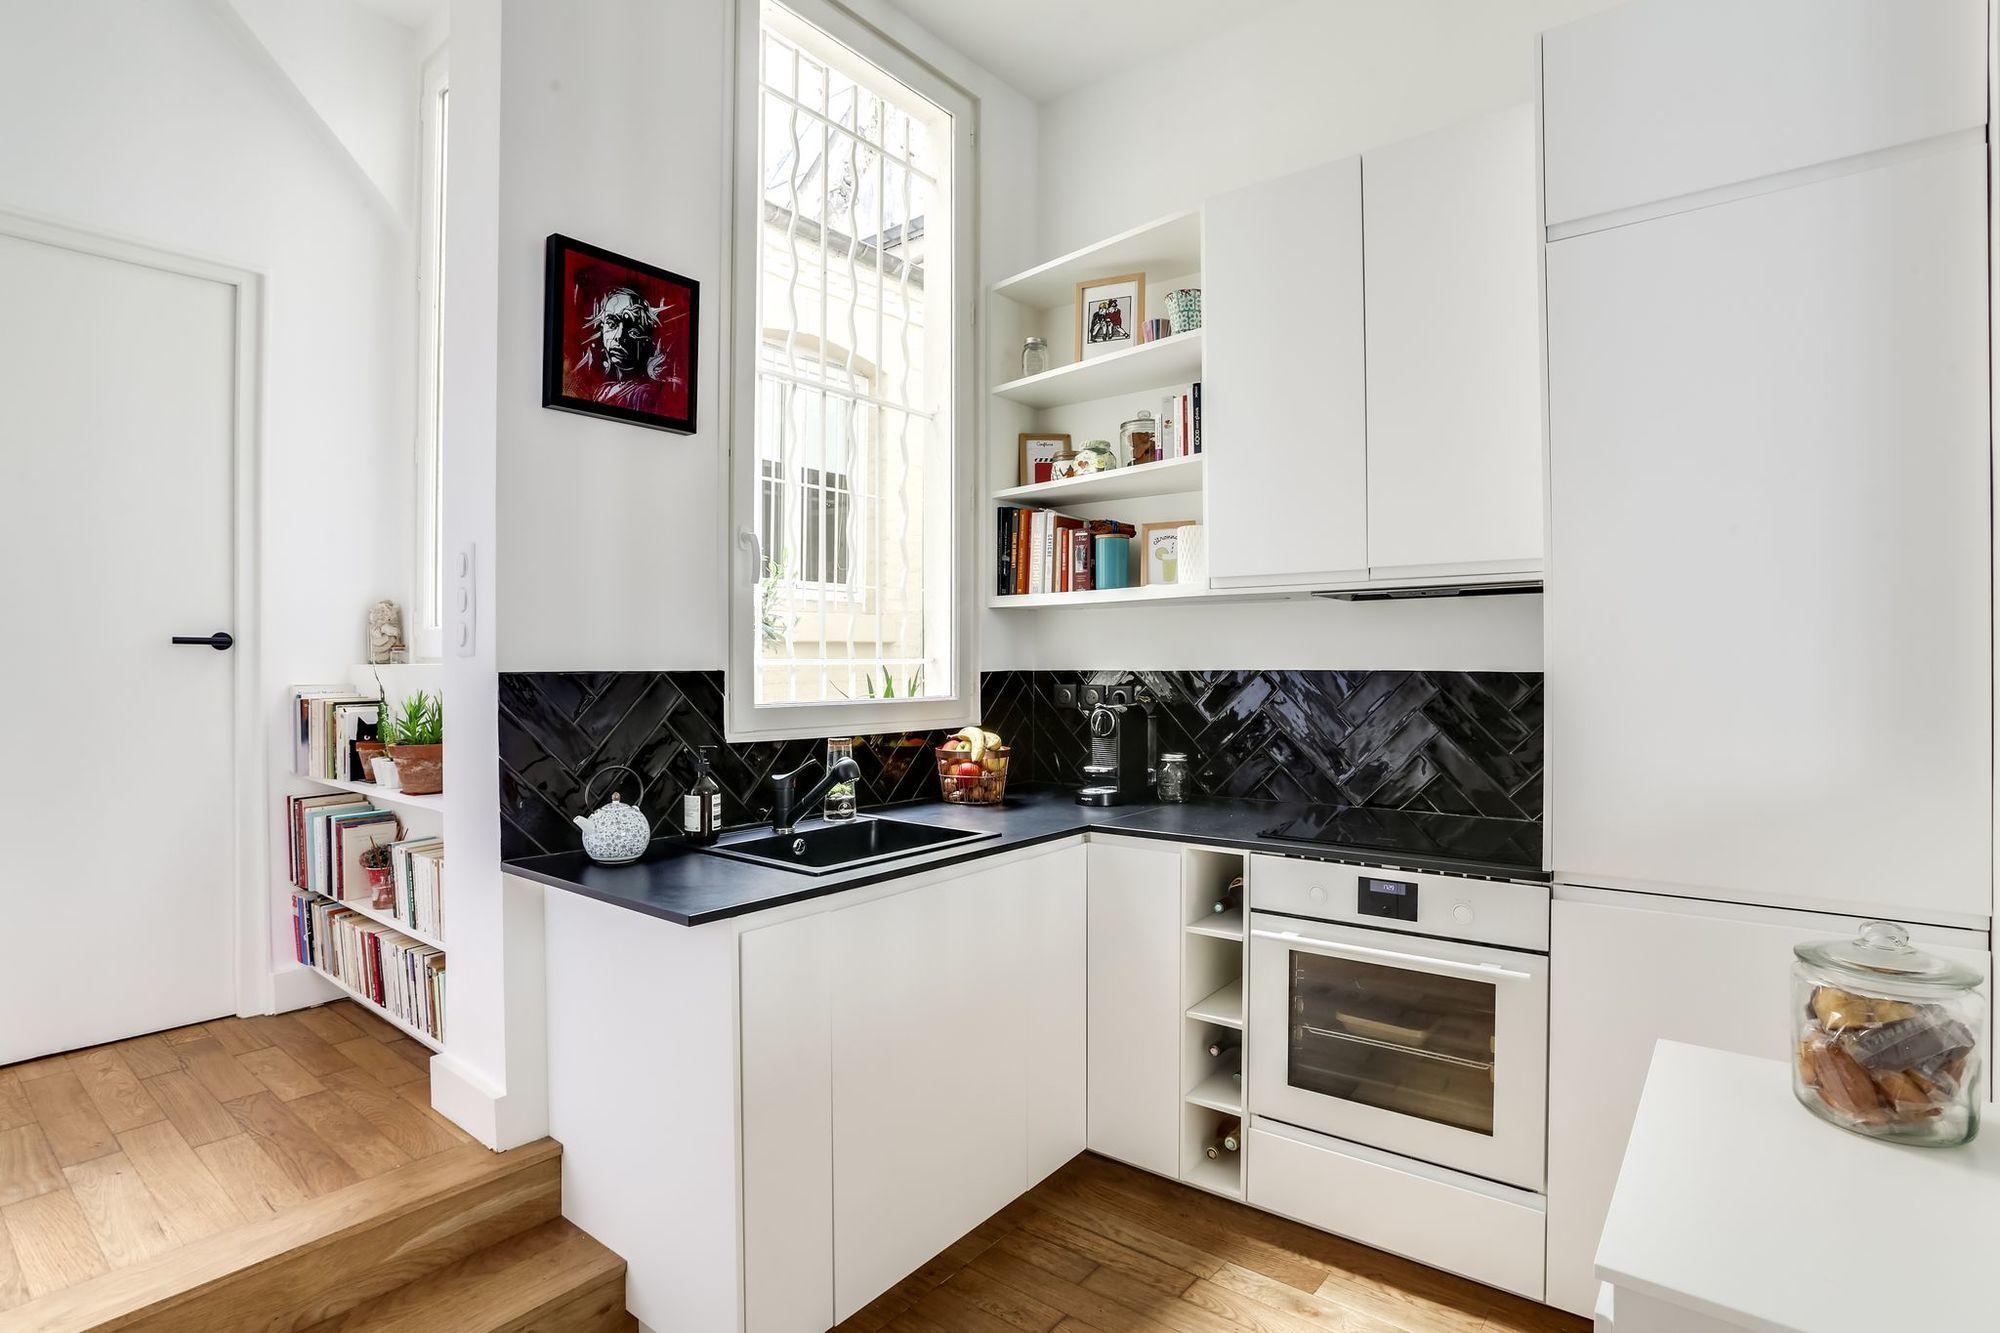 Emplacement Cuisine Dans La Maison décoration cuisine : inspiration d'archi et décorateurs